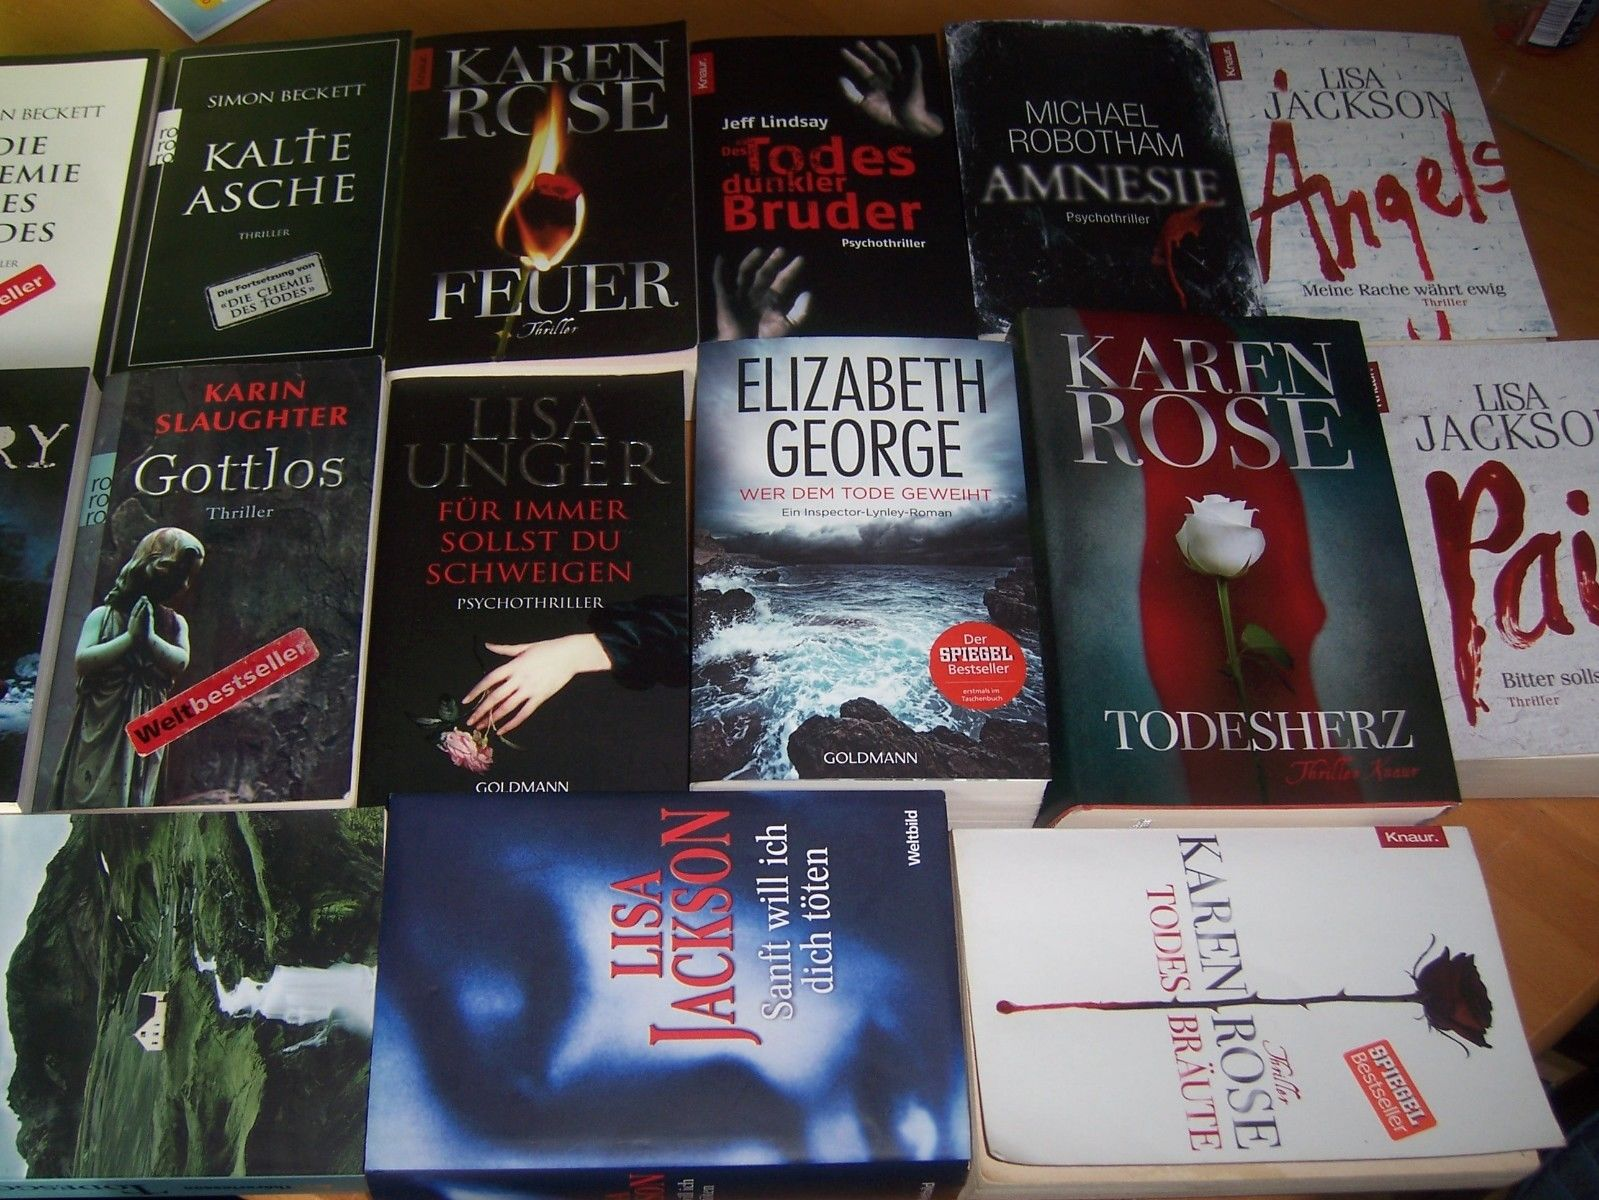 Bücherpaket 15 Thriller z.B Lisa Jackson Karen Rose Simon Beckett